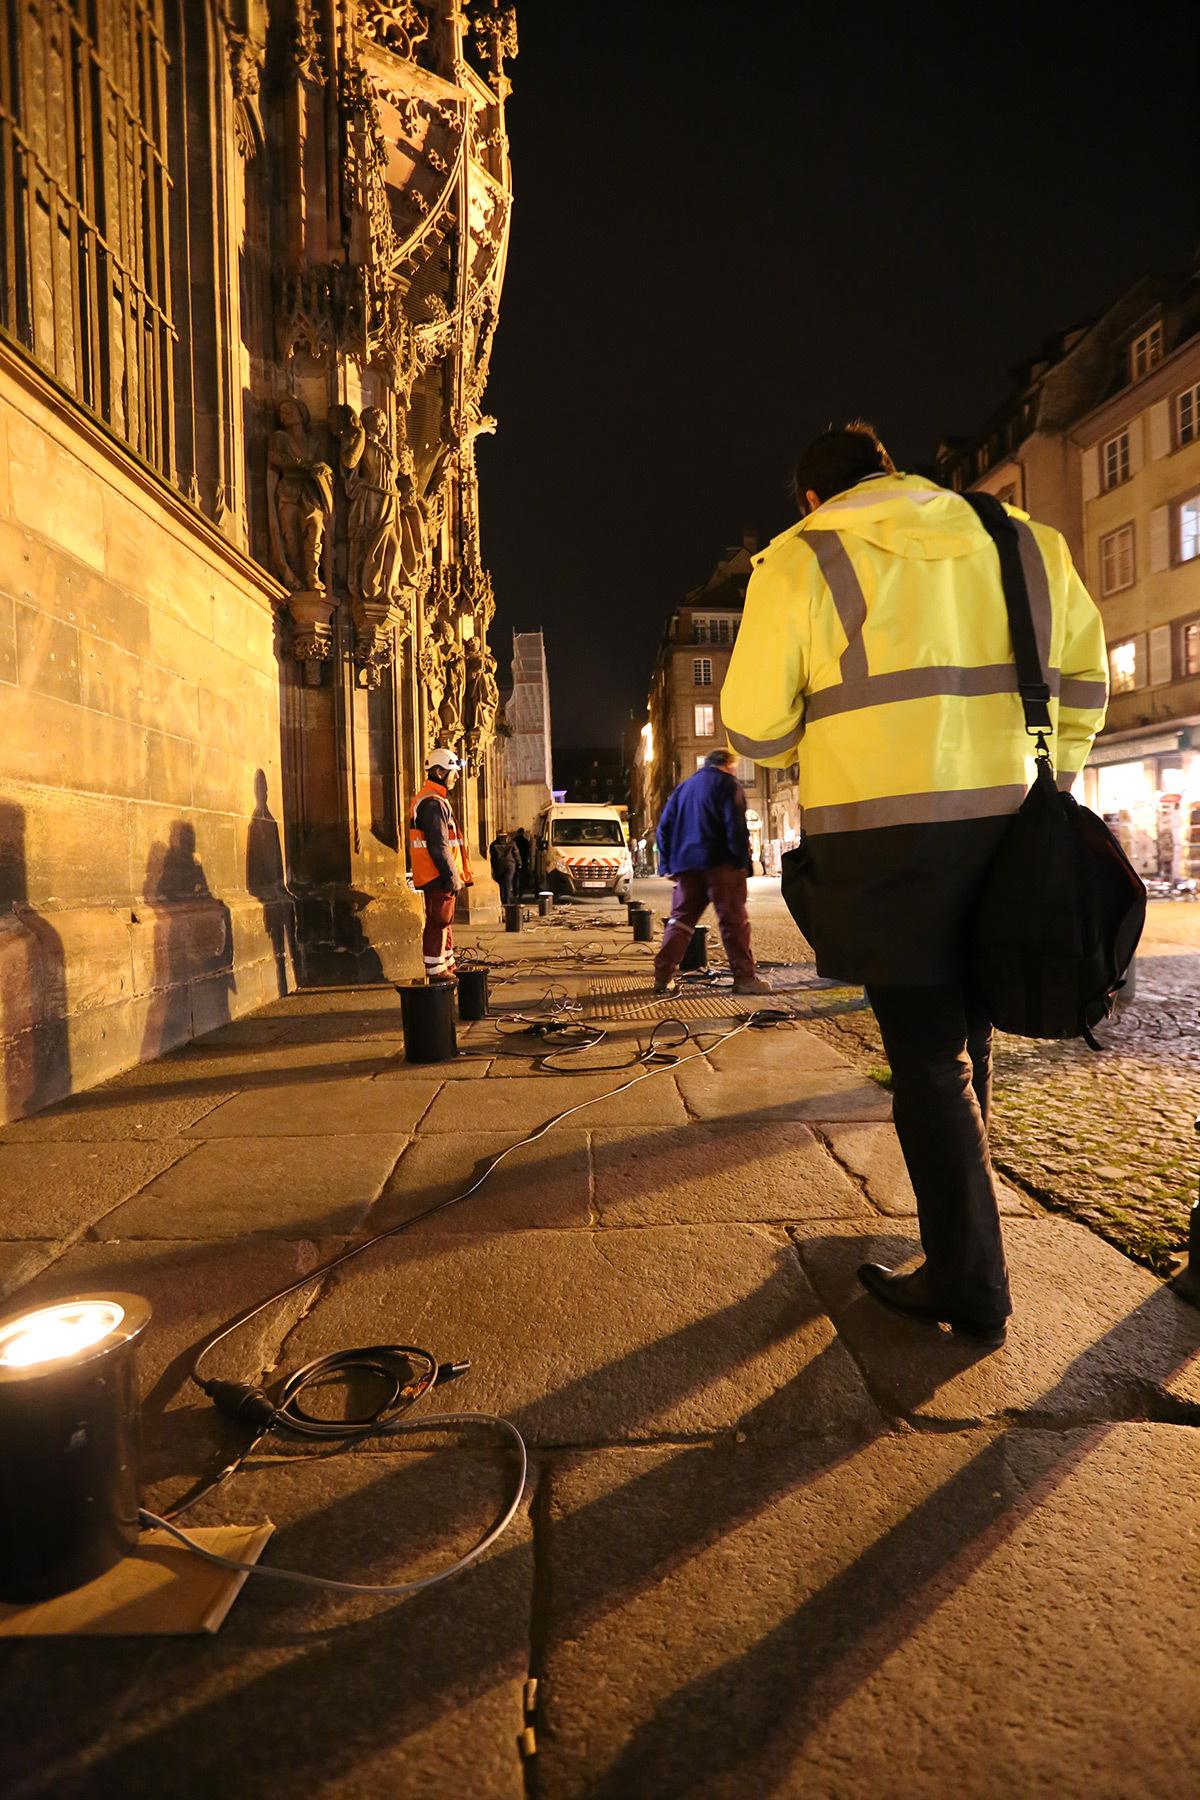 Equipe Citeos et Jean-Yves Soëtinck - Cathédrale de Strasbourg, France - test et essai d'éclairage avec L'Acte Lumière - 10 février 2016 - Photo : Vincent Laganier